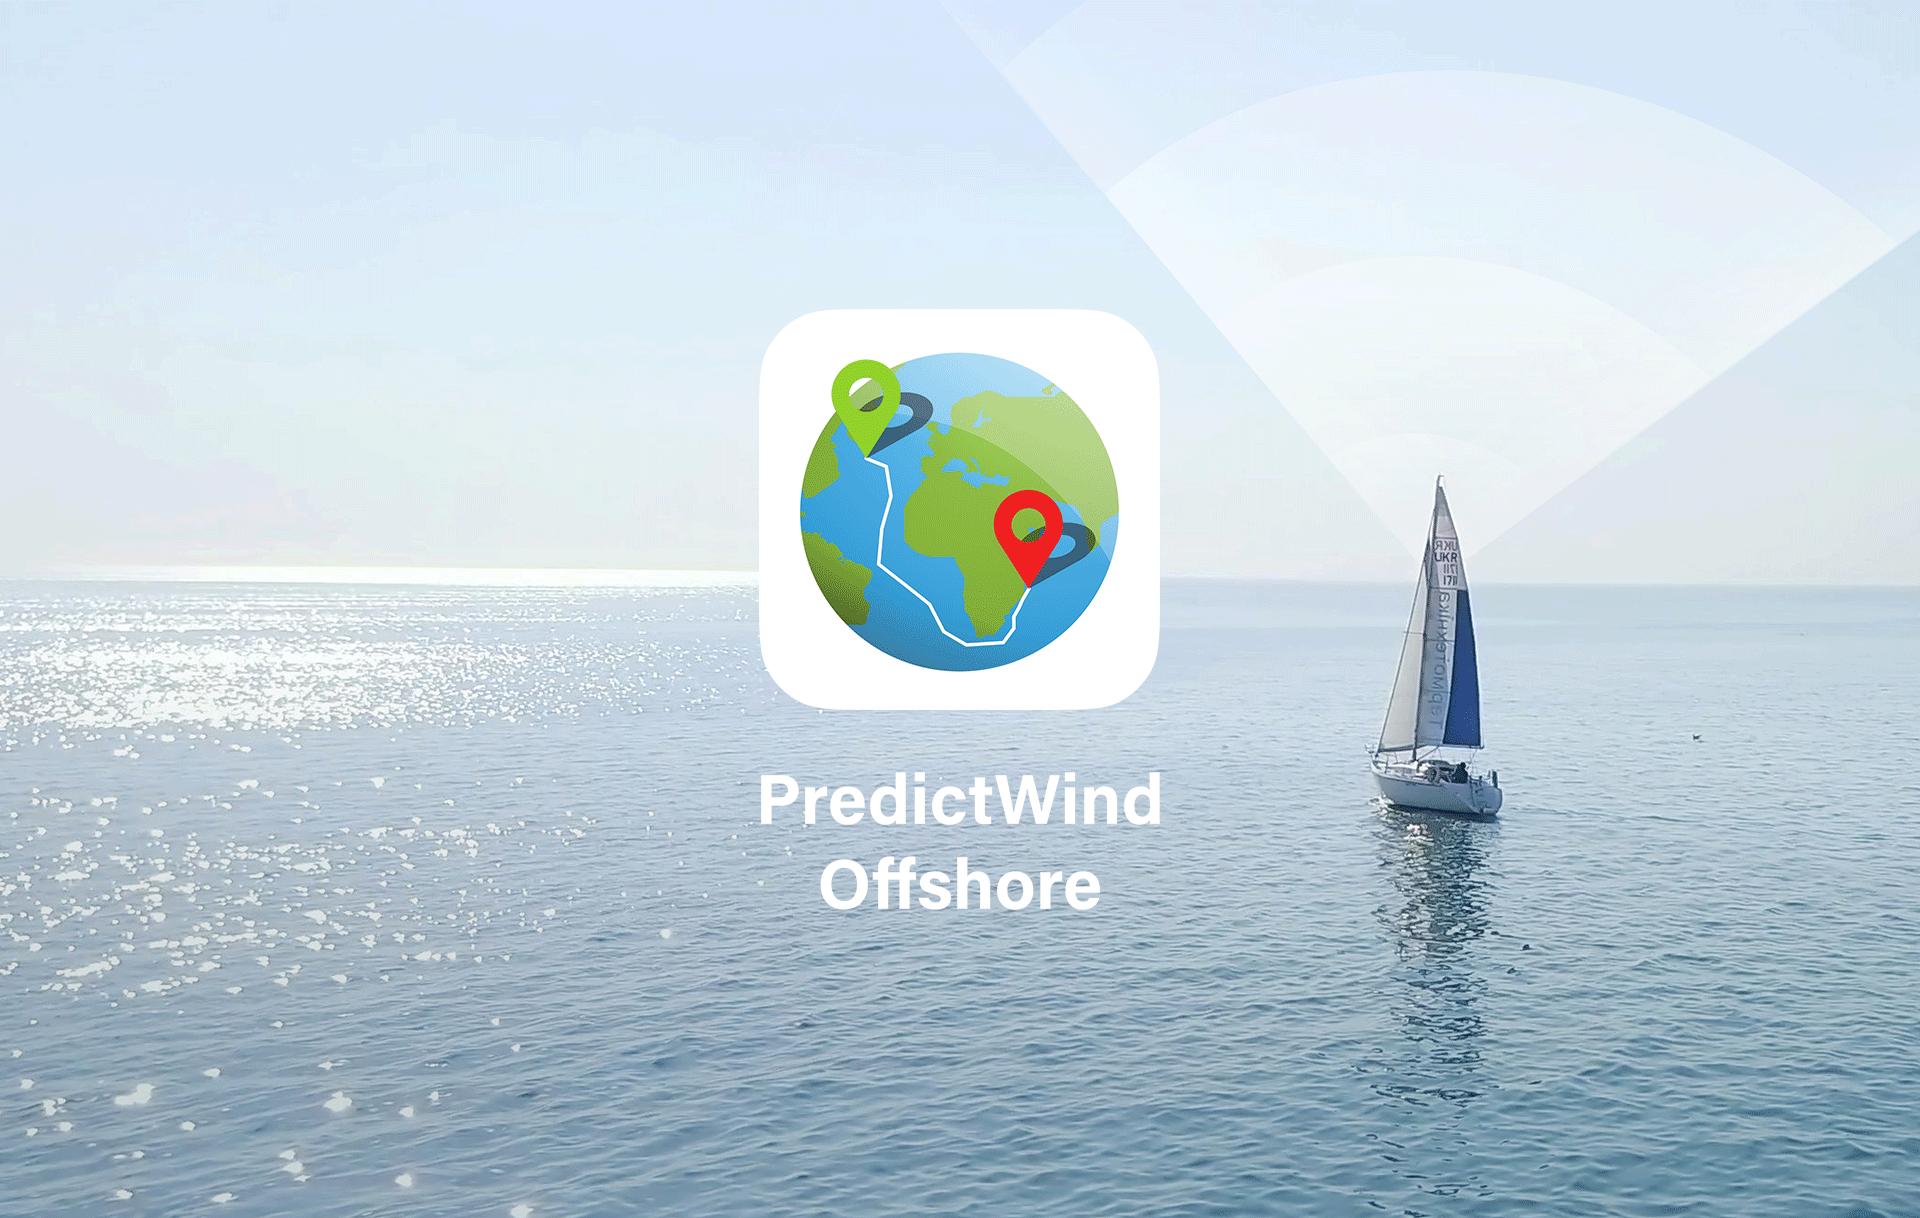 PredictWind Offshore App